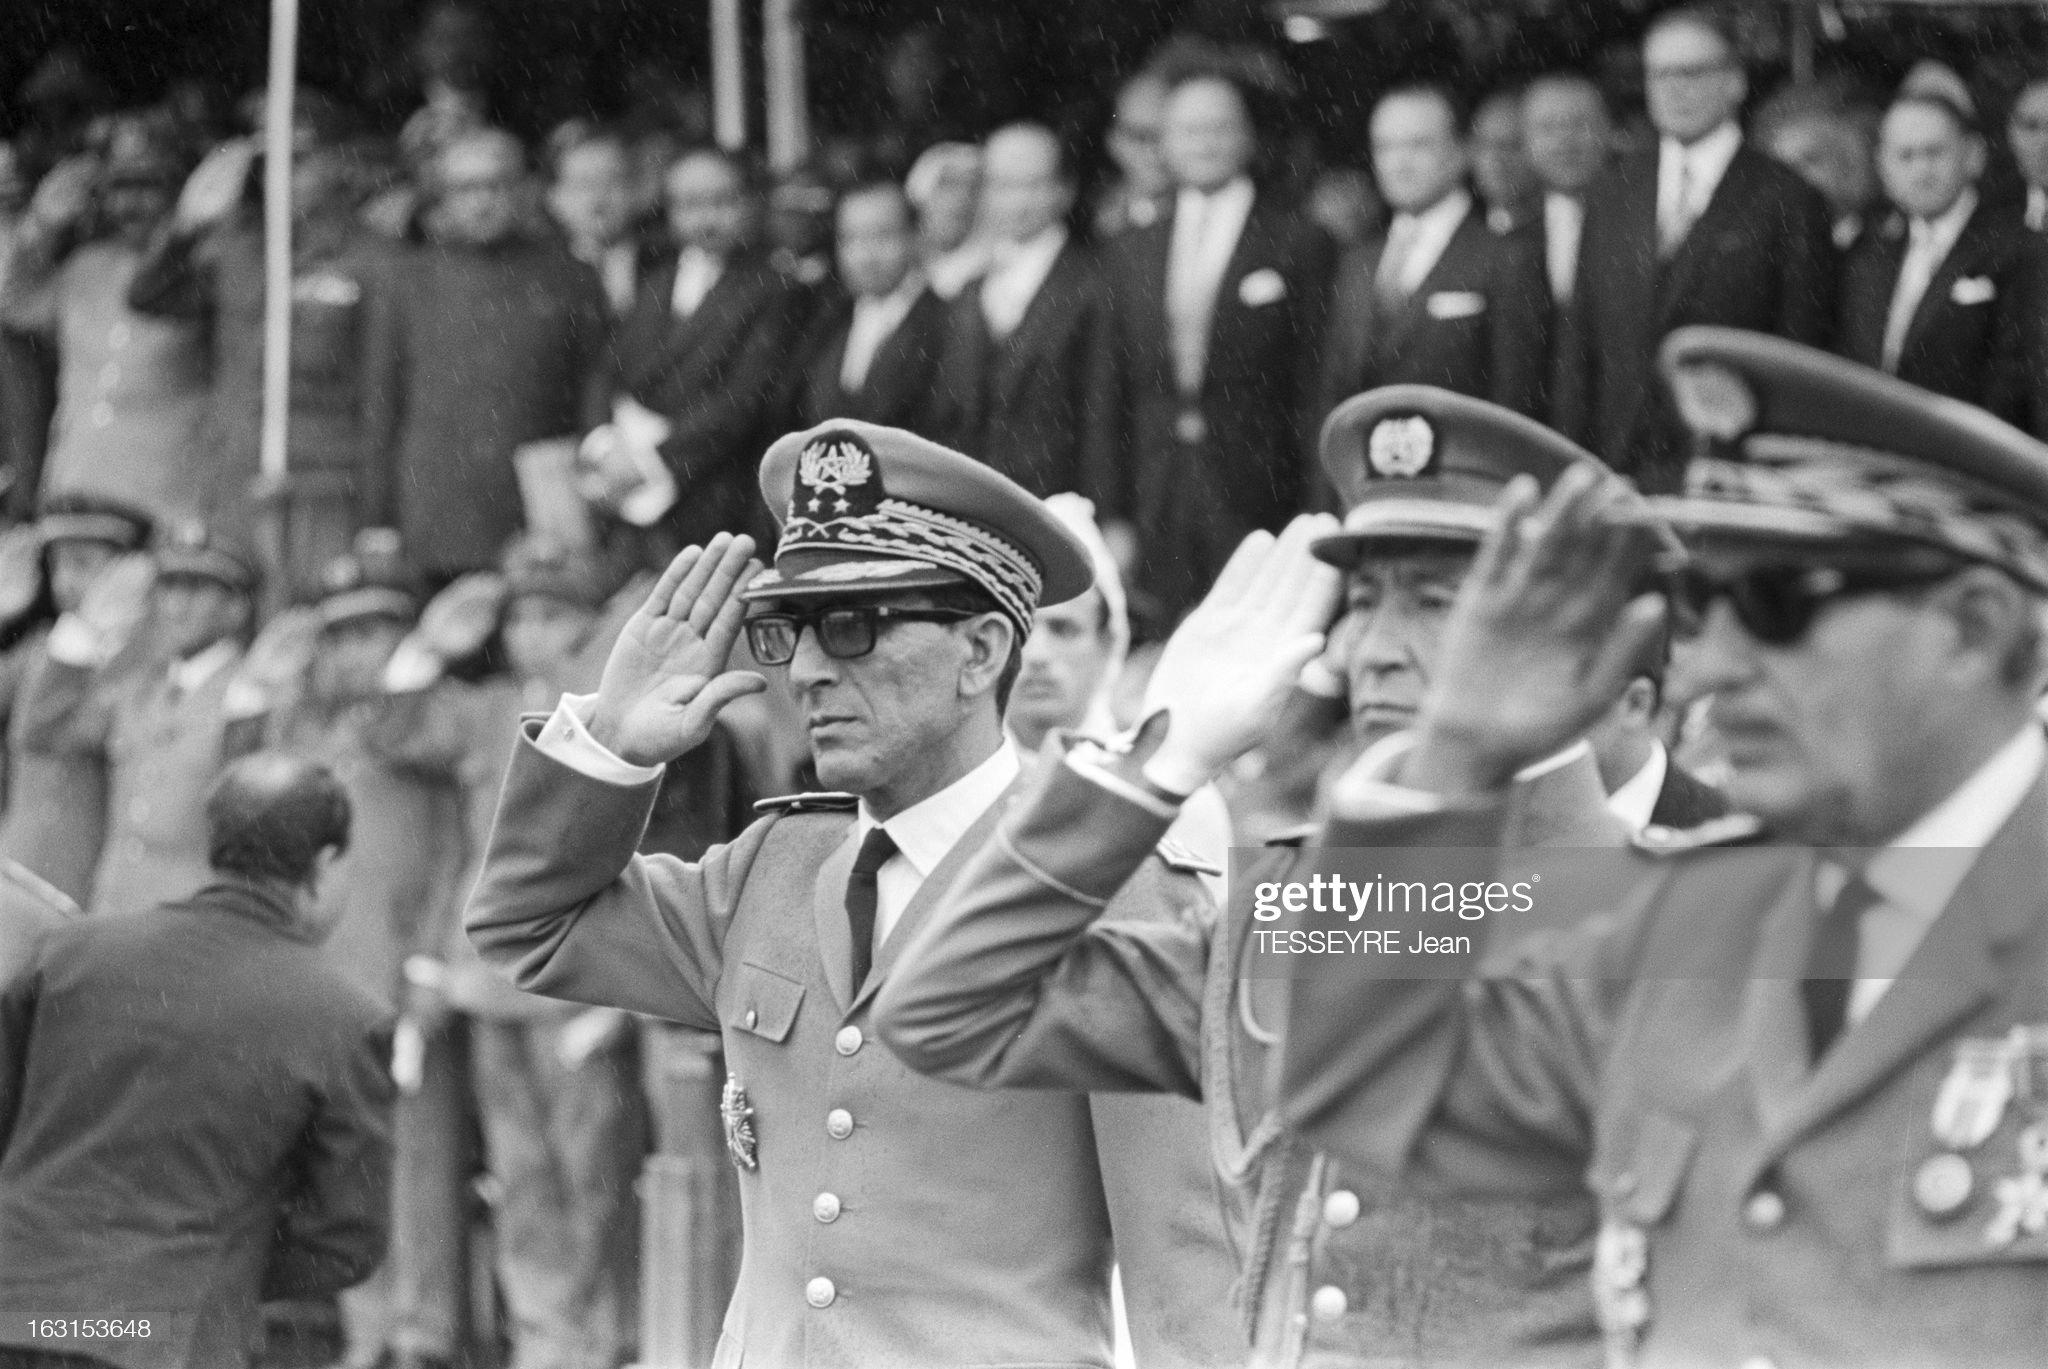 Les généraux de Sa Majesté - Page 10 National-day-in-morocco-au-maroc-le-18-novembre-1965-le-roi-hassan-ii-picture-id163153648?s=2048x2048